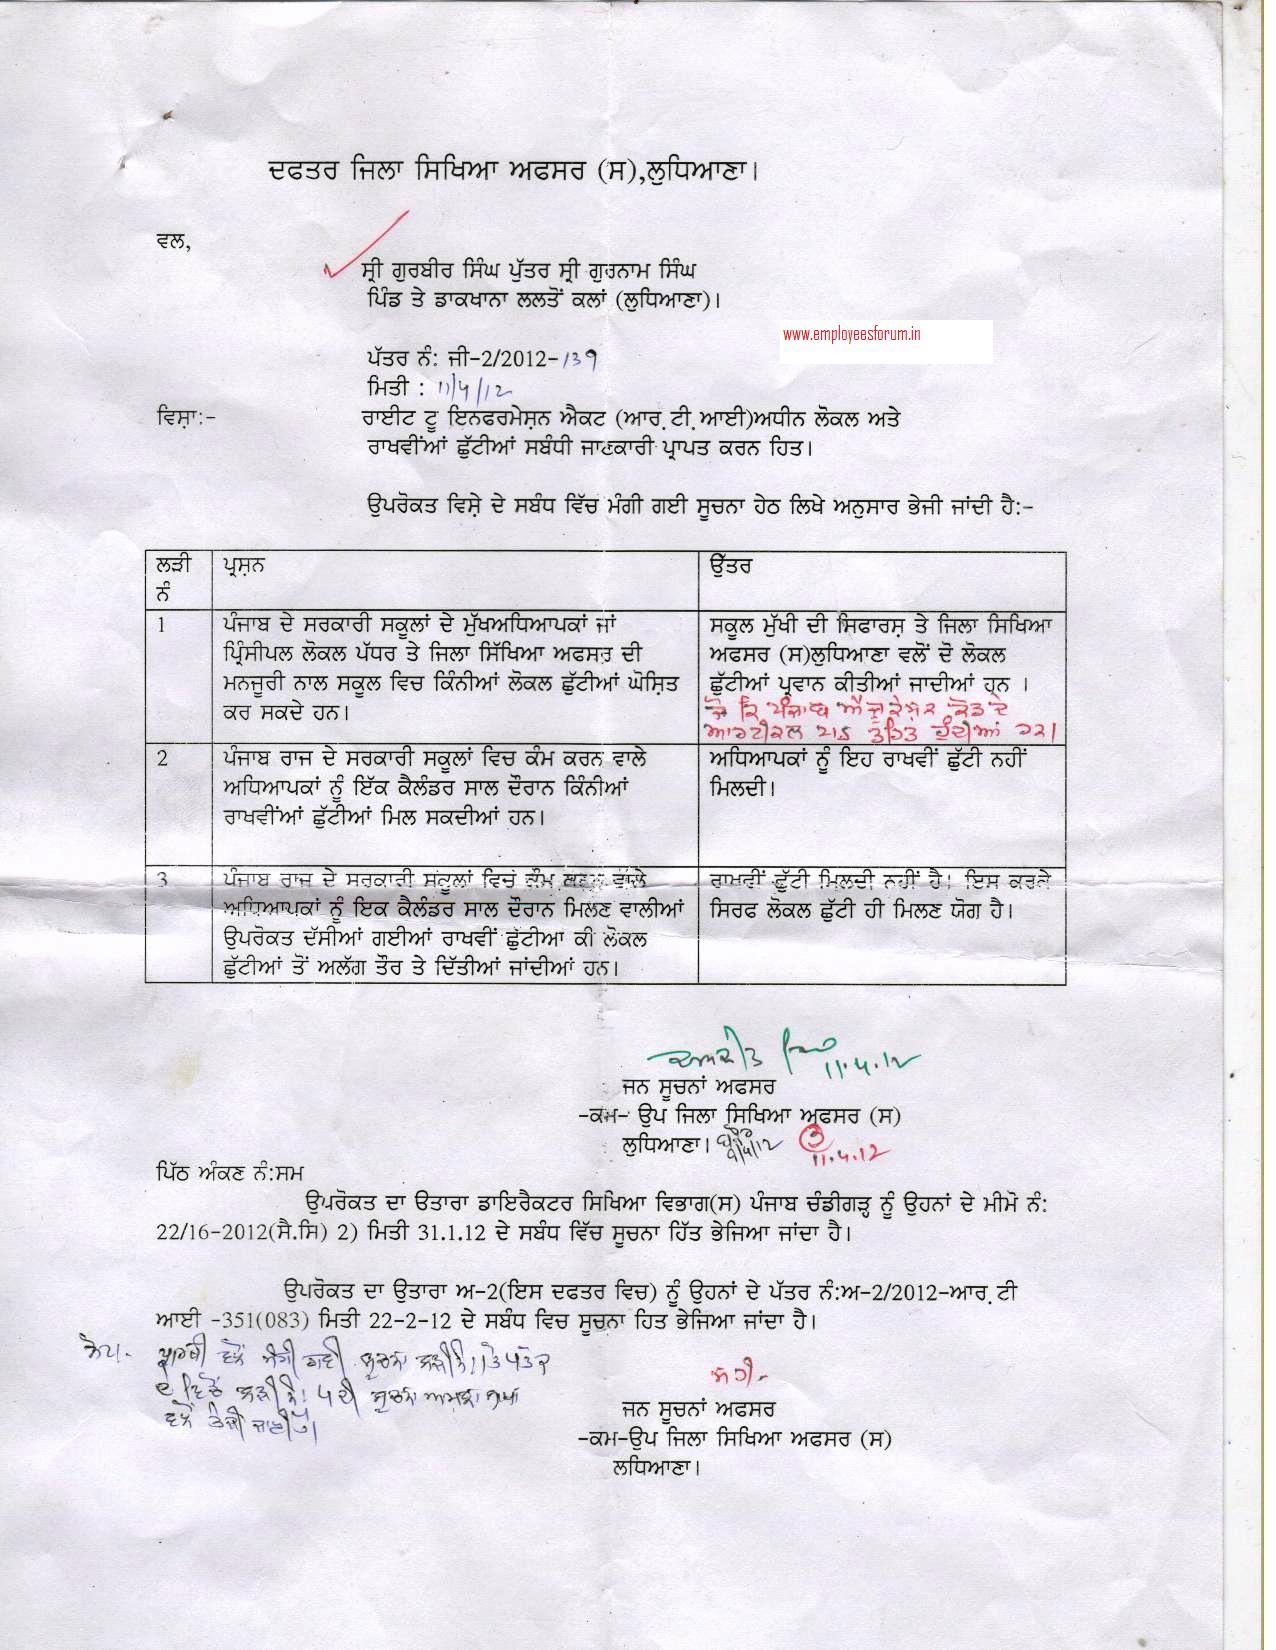 civil services mains 2012 essay